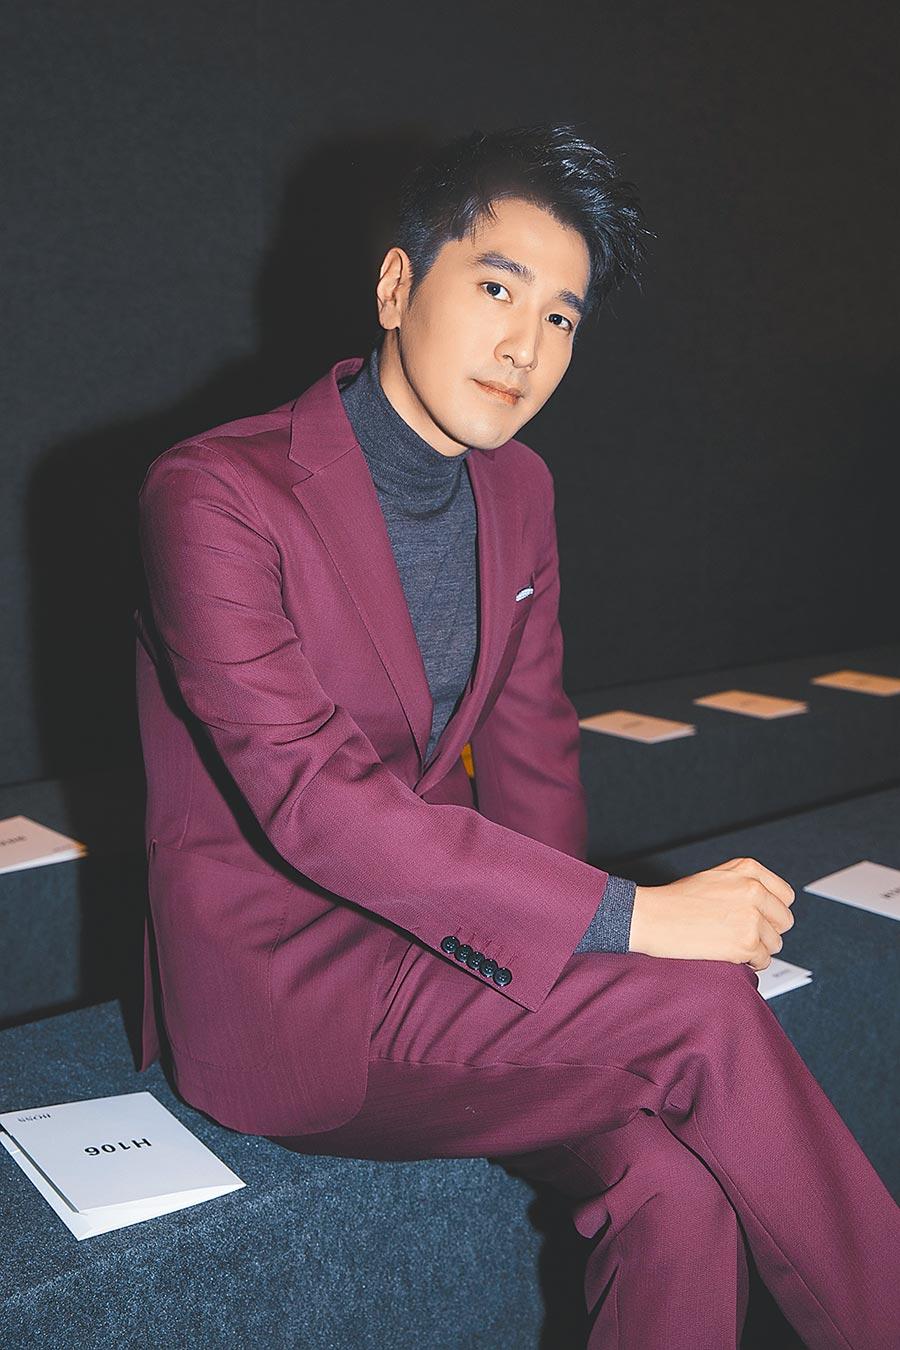 趙又廷出席BOSS紐約秀時,身穿品牌酒紅色西裝配灰色高領針織,知性又優雅。(CFP)